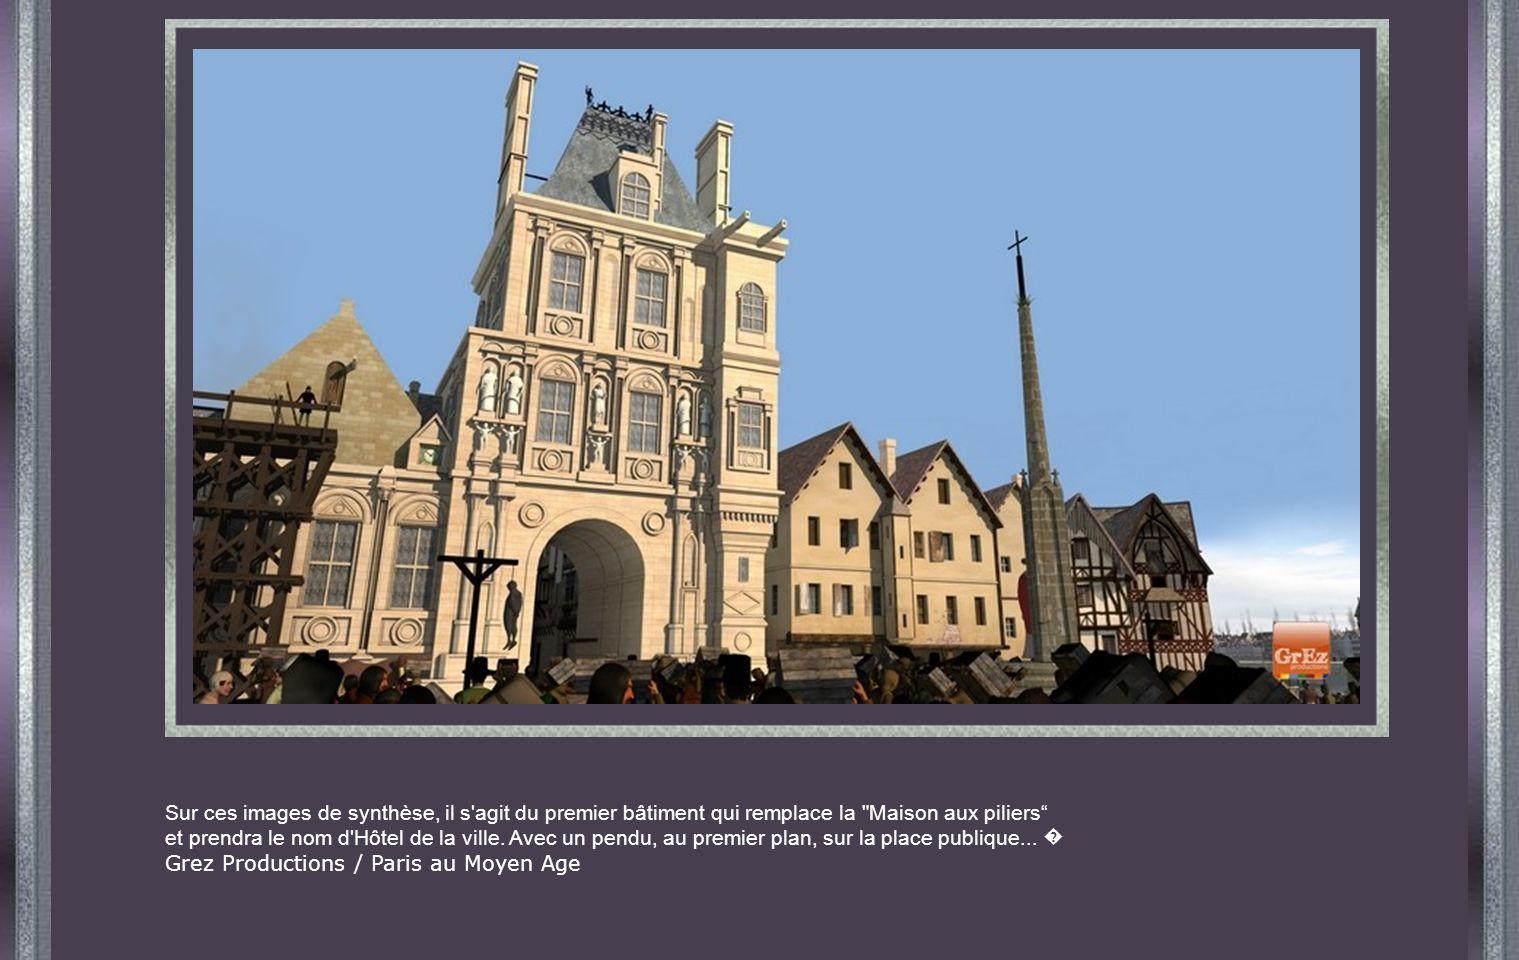 Sur ces images de synthèse, il s agit du premier bâtiment qui remplace la Maison aux piliers et prendra le nom d Hôtel de la ville.